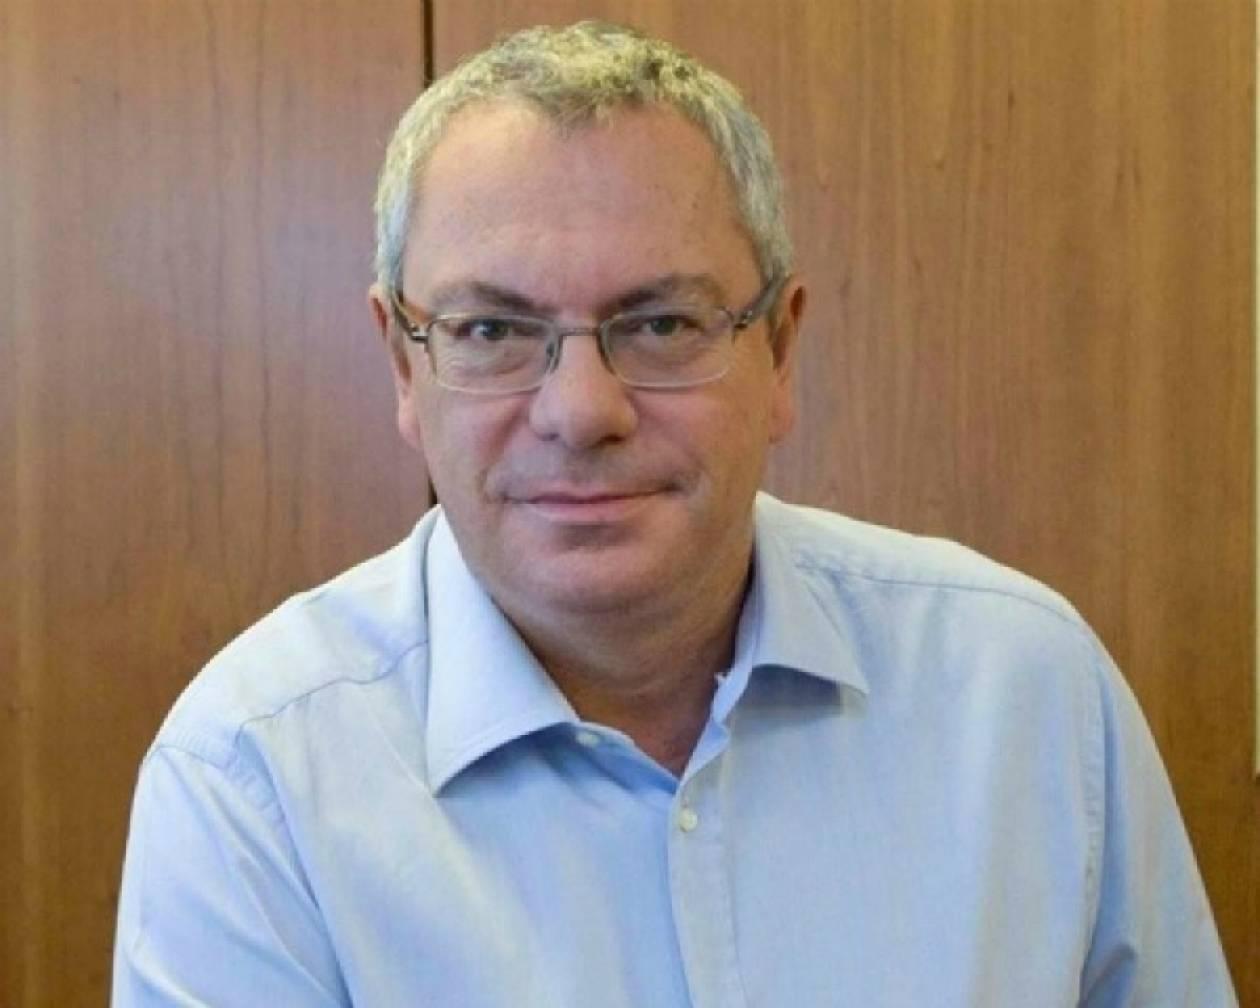 Σταμάτης Μαλέλης: Ο Λιάτσος λείπει από το δελτίο